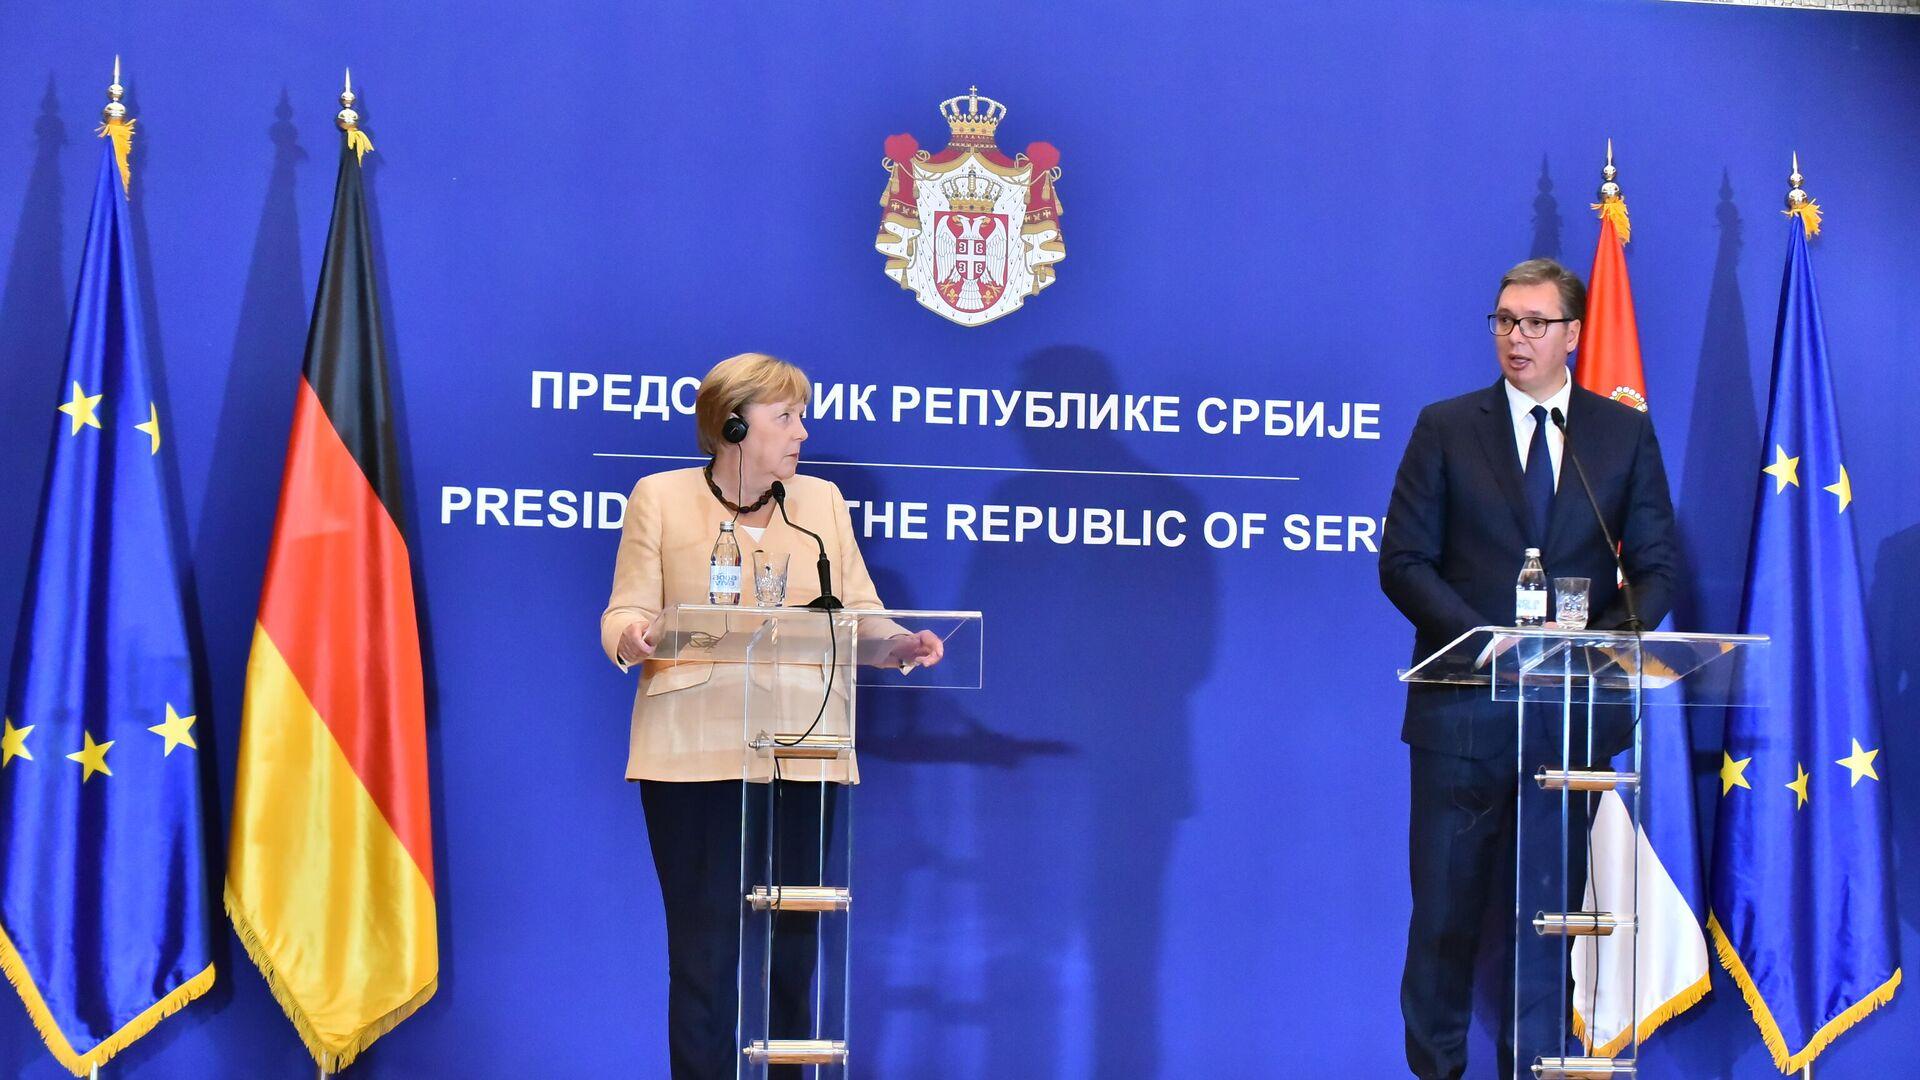 Angela Merkel i Aleksandar Vučić na konferenciji za medije u Beogradu - Sputnik Srbija, 1920, 13.09.2021